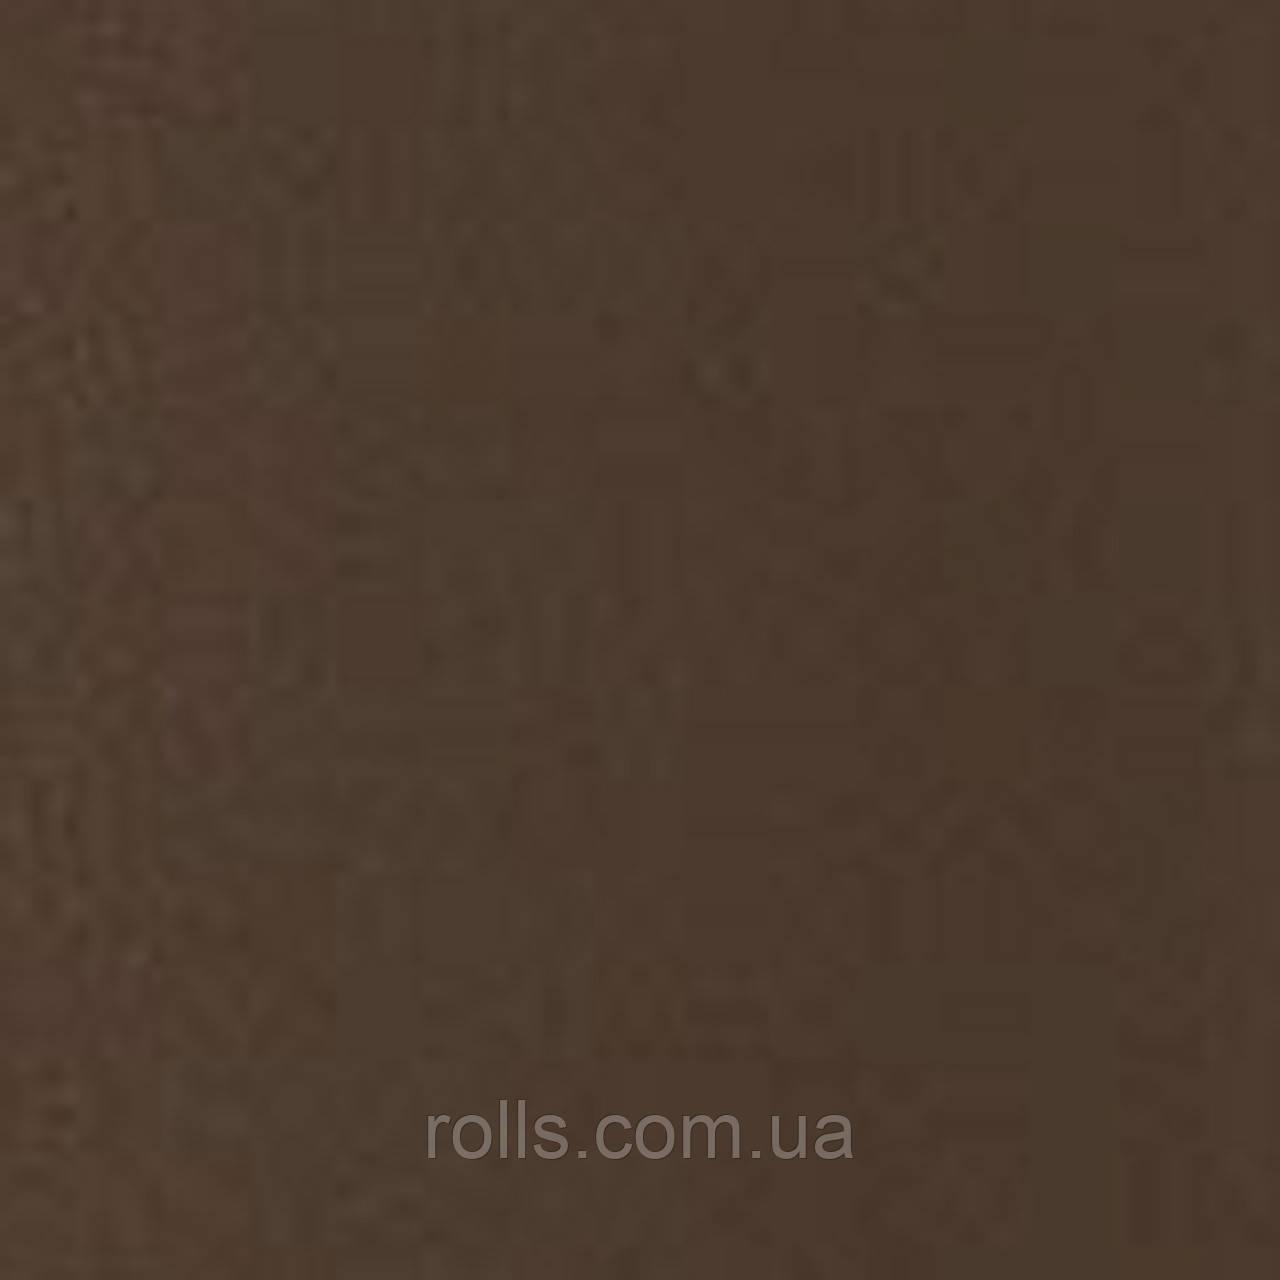 Лист алюминиевый плоский PREFALZ Р.10 №01 BRAUN КОРИЧНЕВЫЙ BROWN 0,7х1000х2000мм